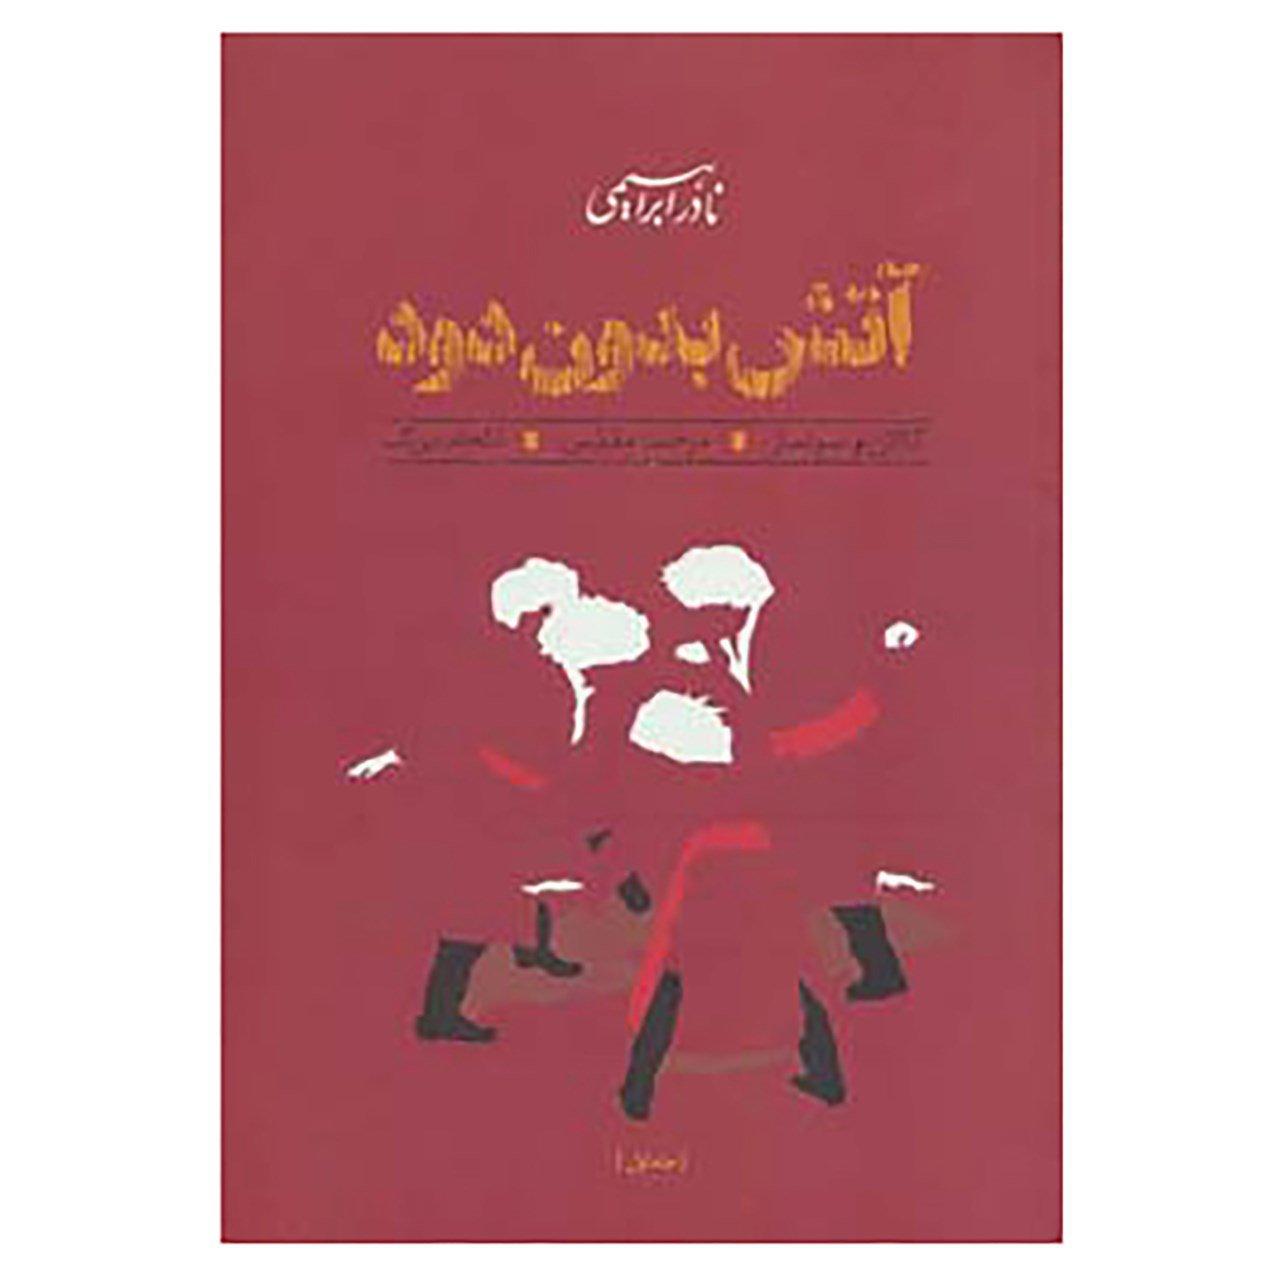 کتاب آتش بدون دود اثر نادر ابراهیمی 3 جلدی گالینگور